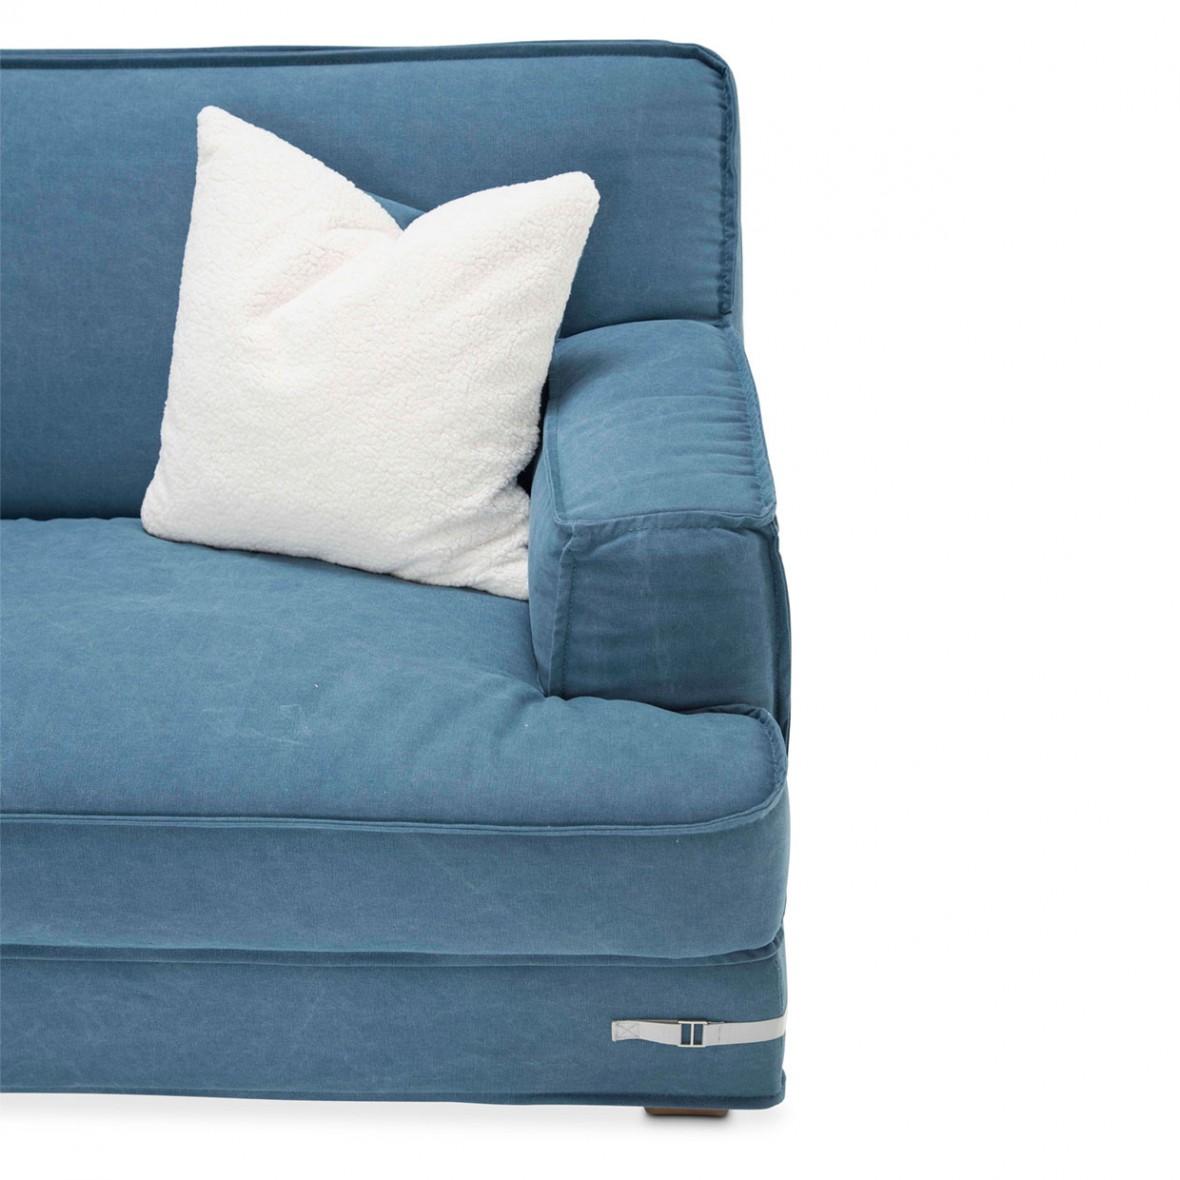 Софа 3-местная, цвет Деним, 2 декоративных подушки